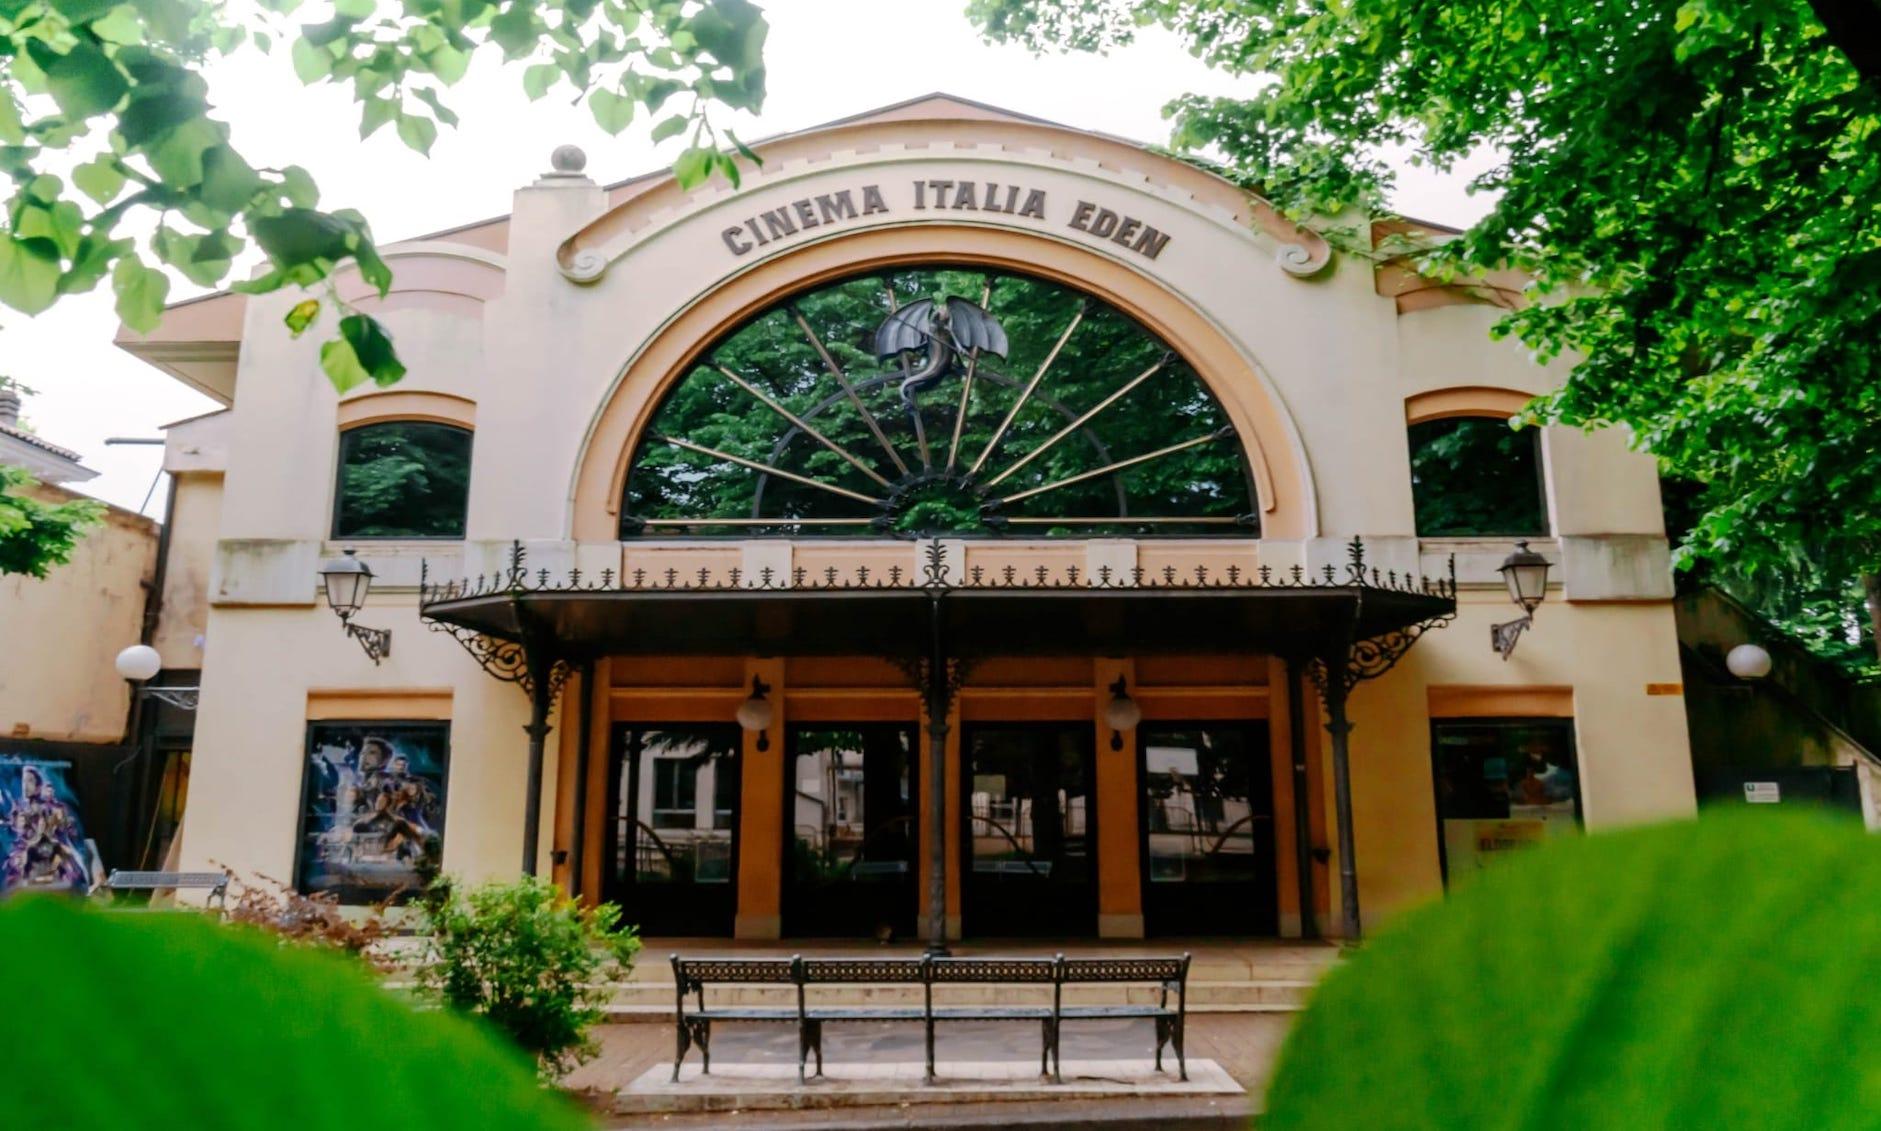 Cinema Italia Eden